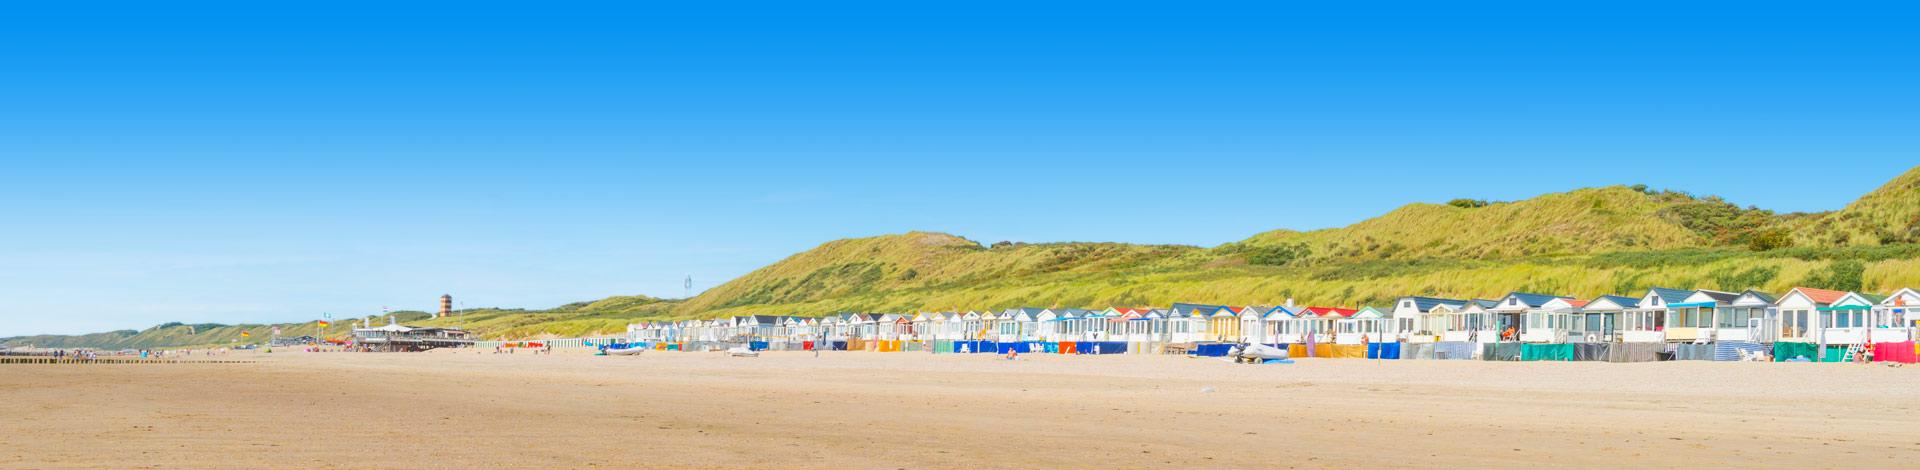 Gekleurde trandhuisjes op het strand in Nederland